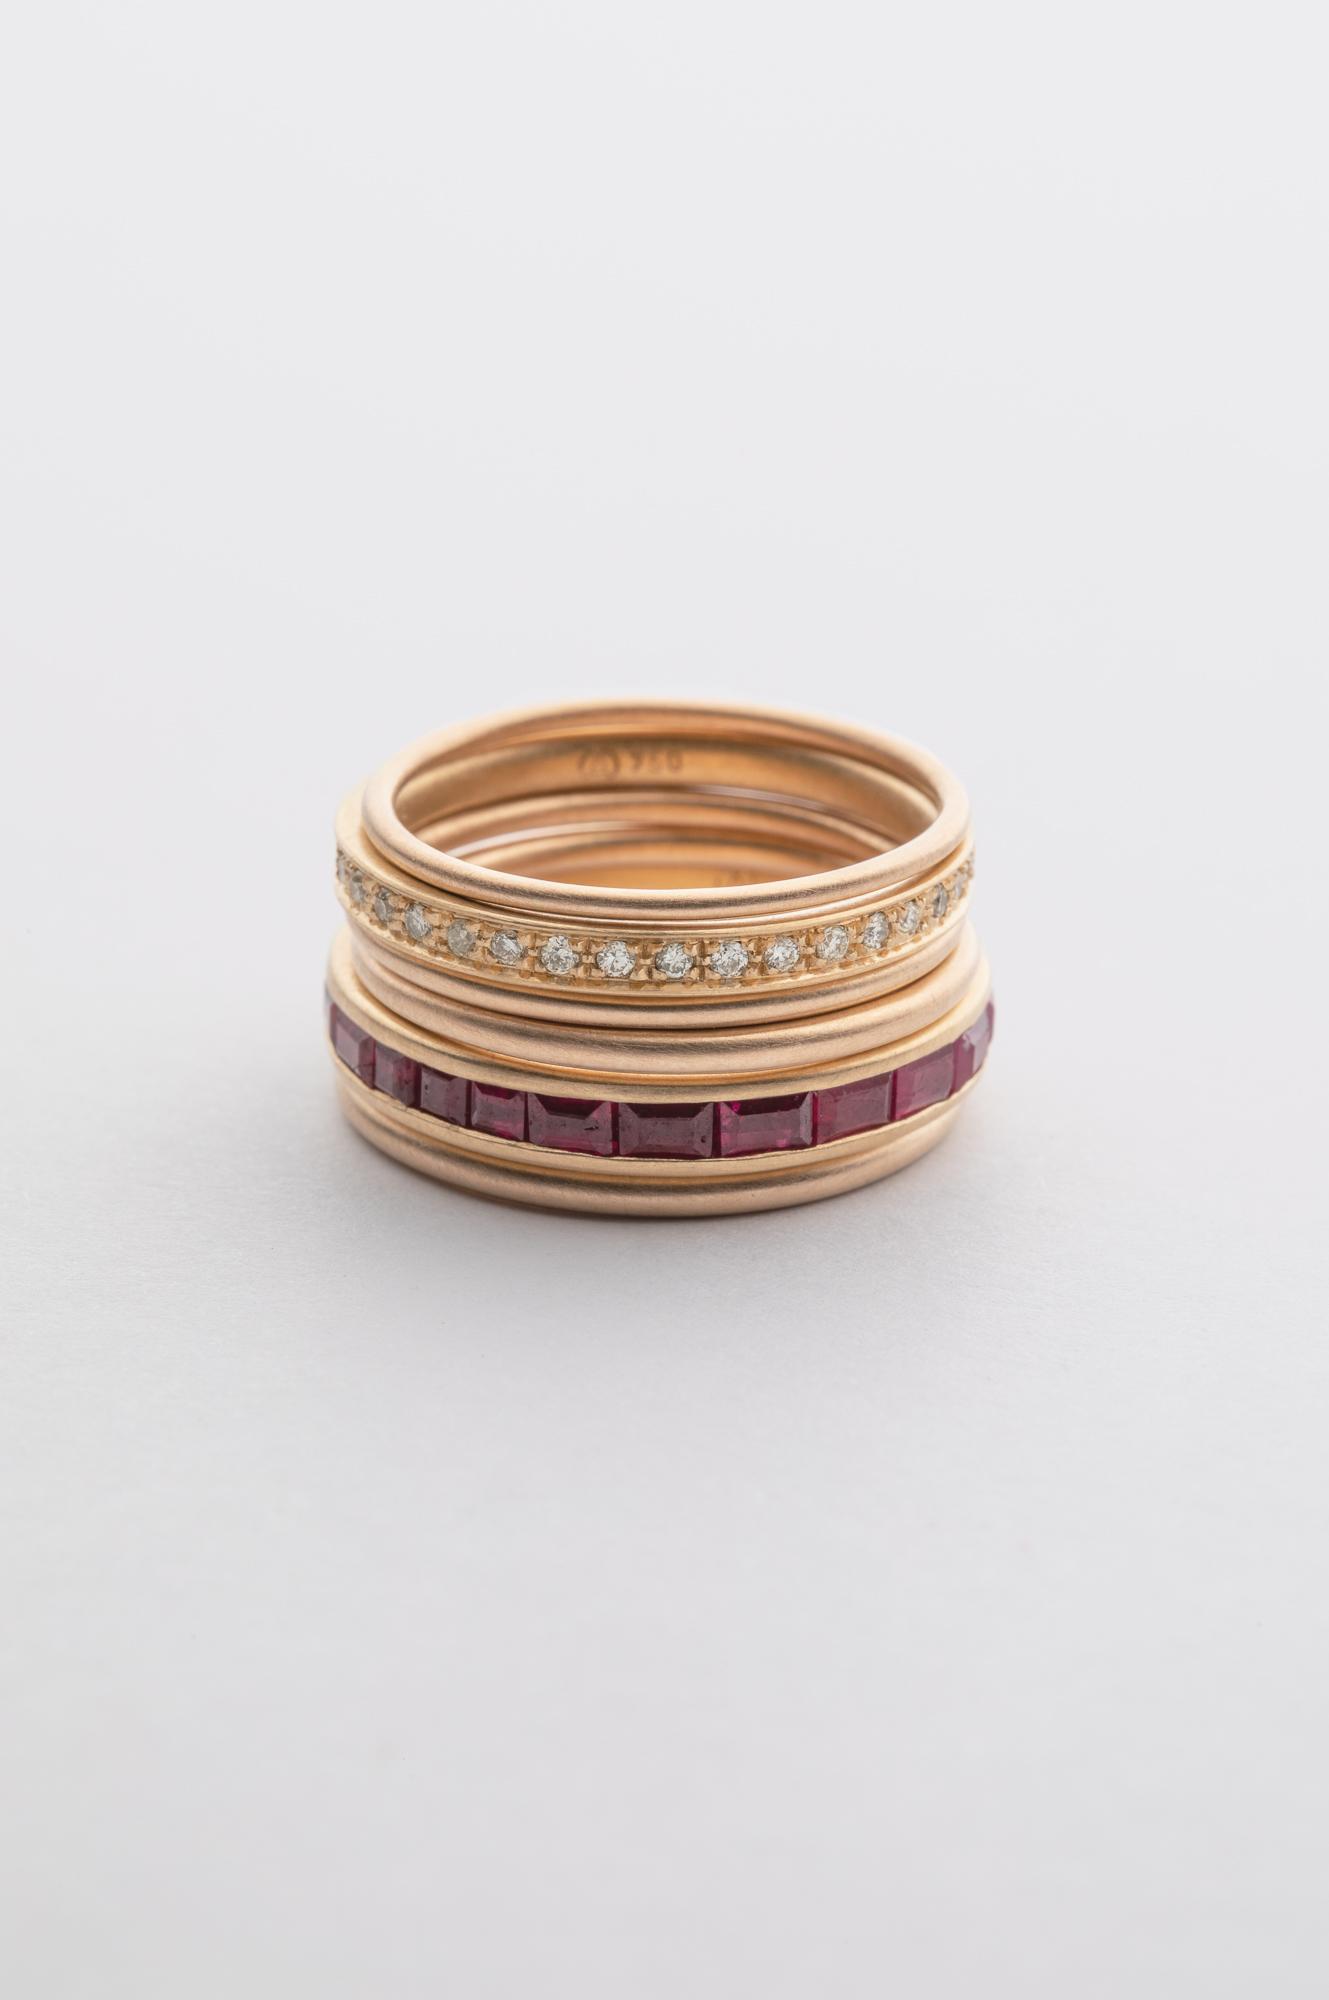 Foto von diversen Ringen in Gelbgold